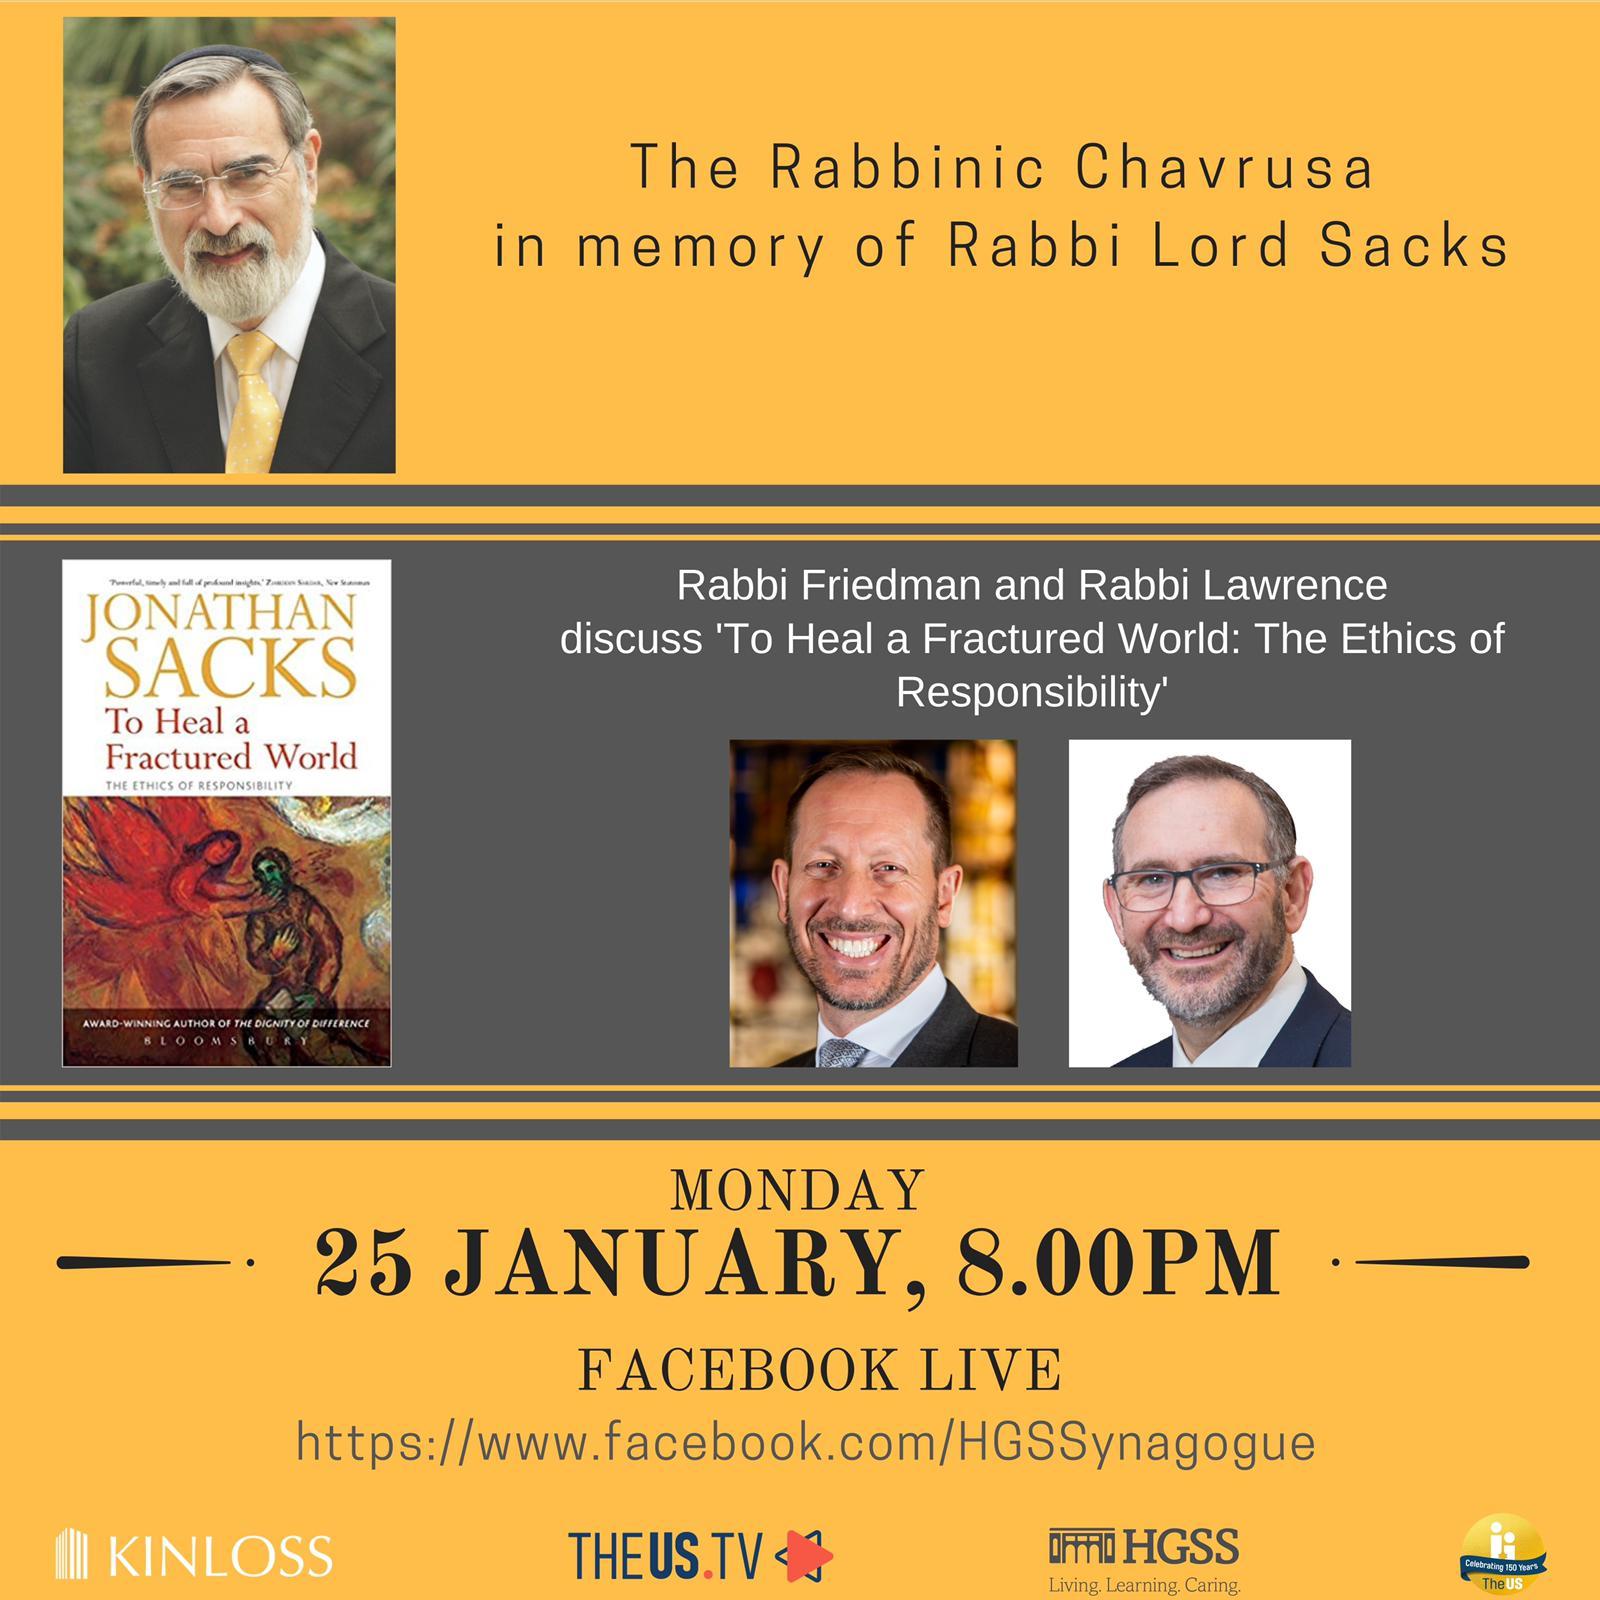 The Rabbinic Chavrusa